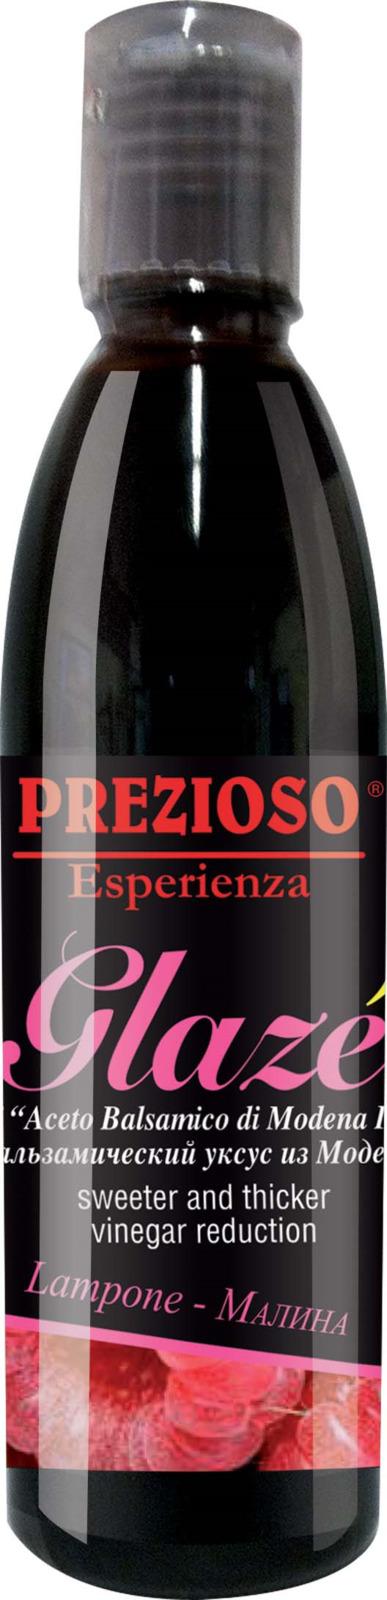 Глазурь Prezioso Esperienza, на основе бальзамического уксуса из Модены, с ароматом малины, 250 г ponti топпинг соевый glassa alla soia на основе бальзамического уксуса di modena 250 мл